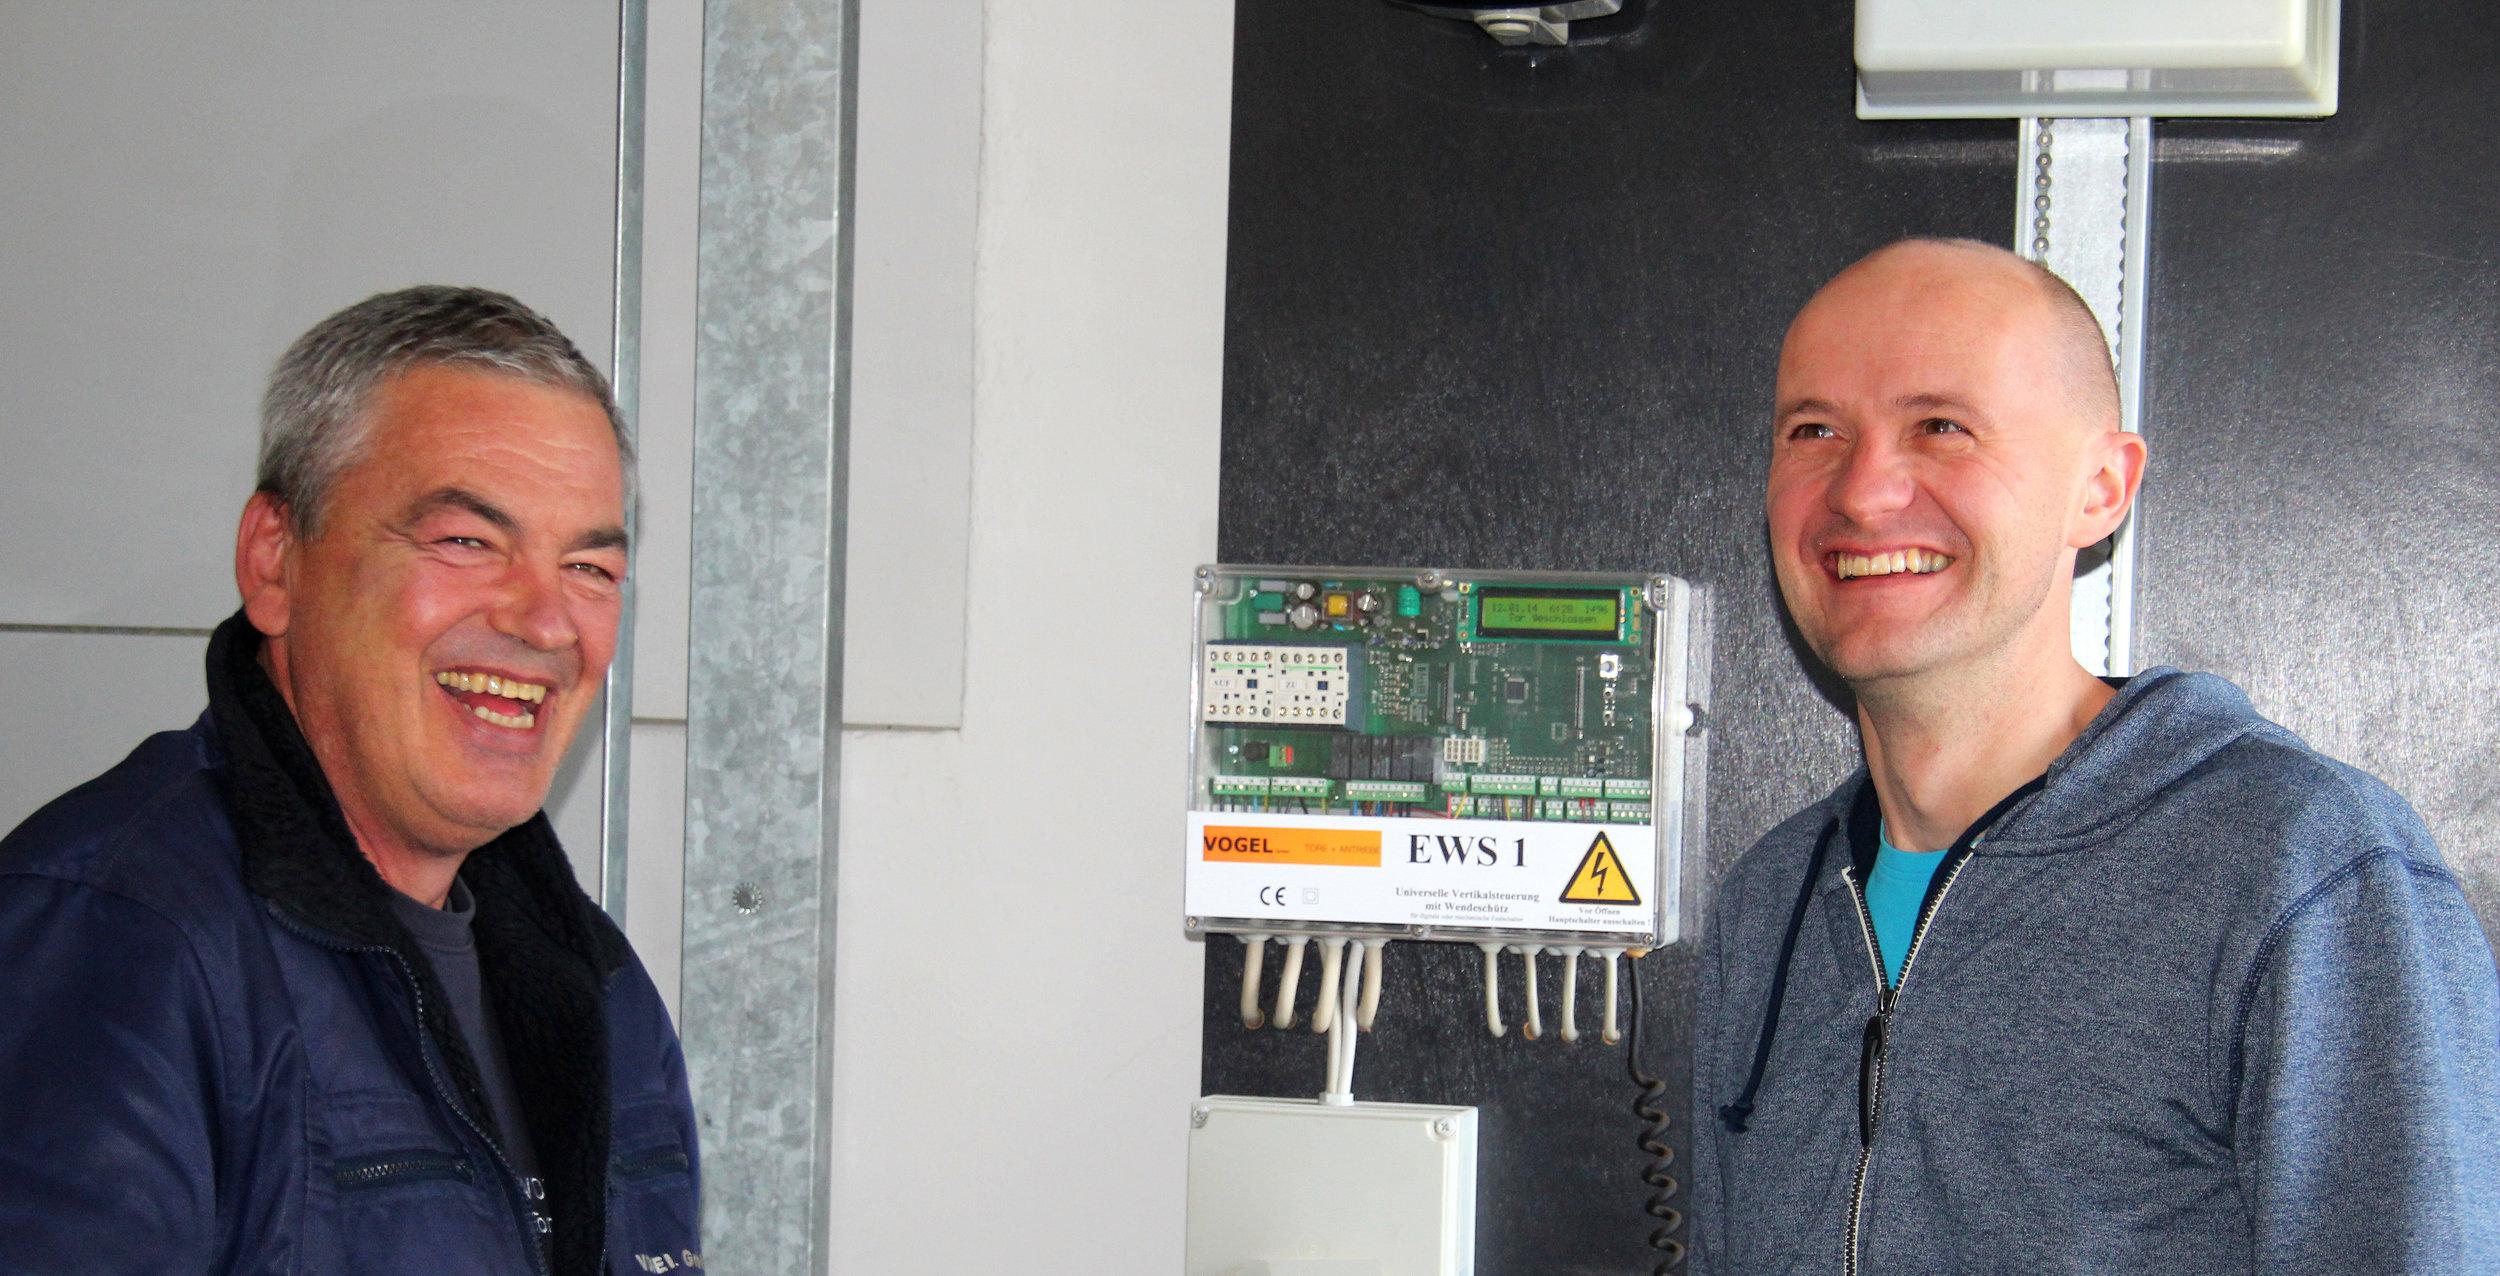 Kurt Vogel (Geschf. Vogel GmbH) und Marcus Oeltjebruns (Geschf. Schöfmann GmbH)